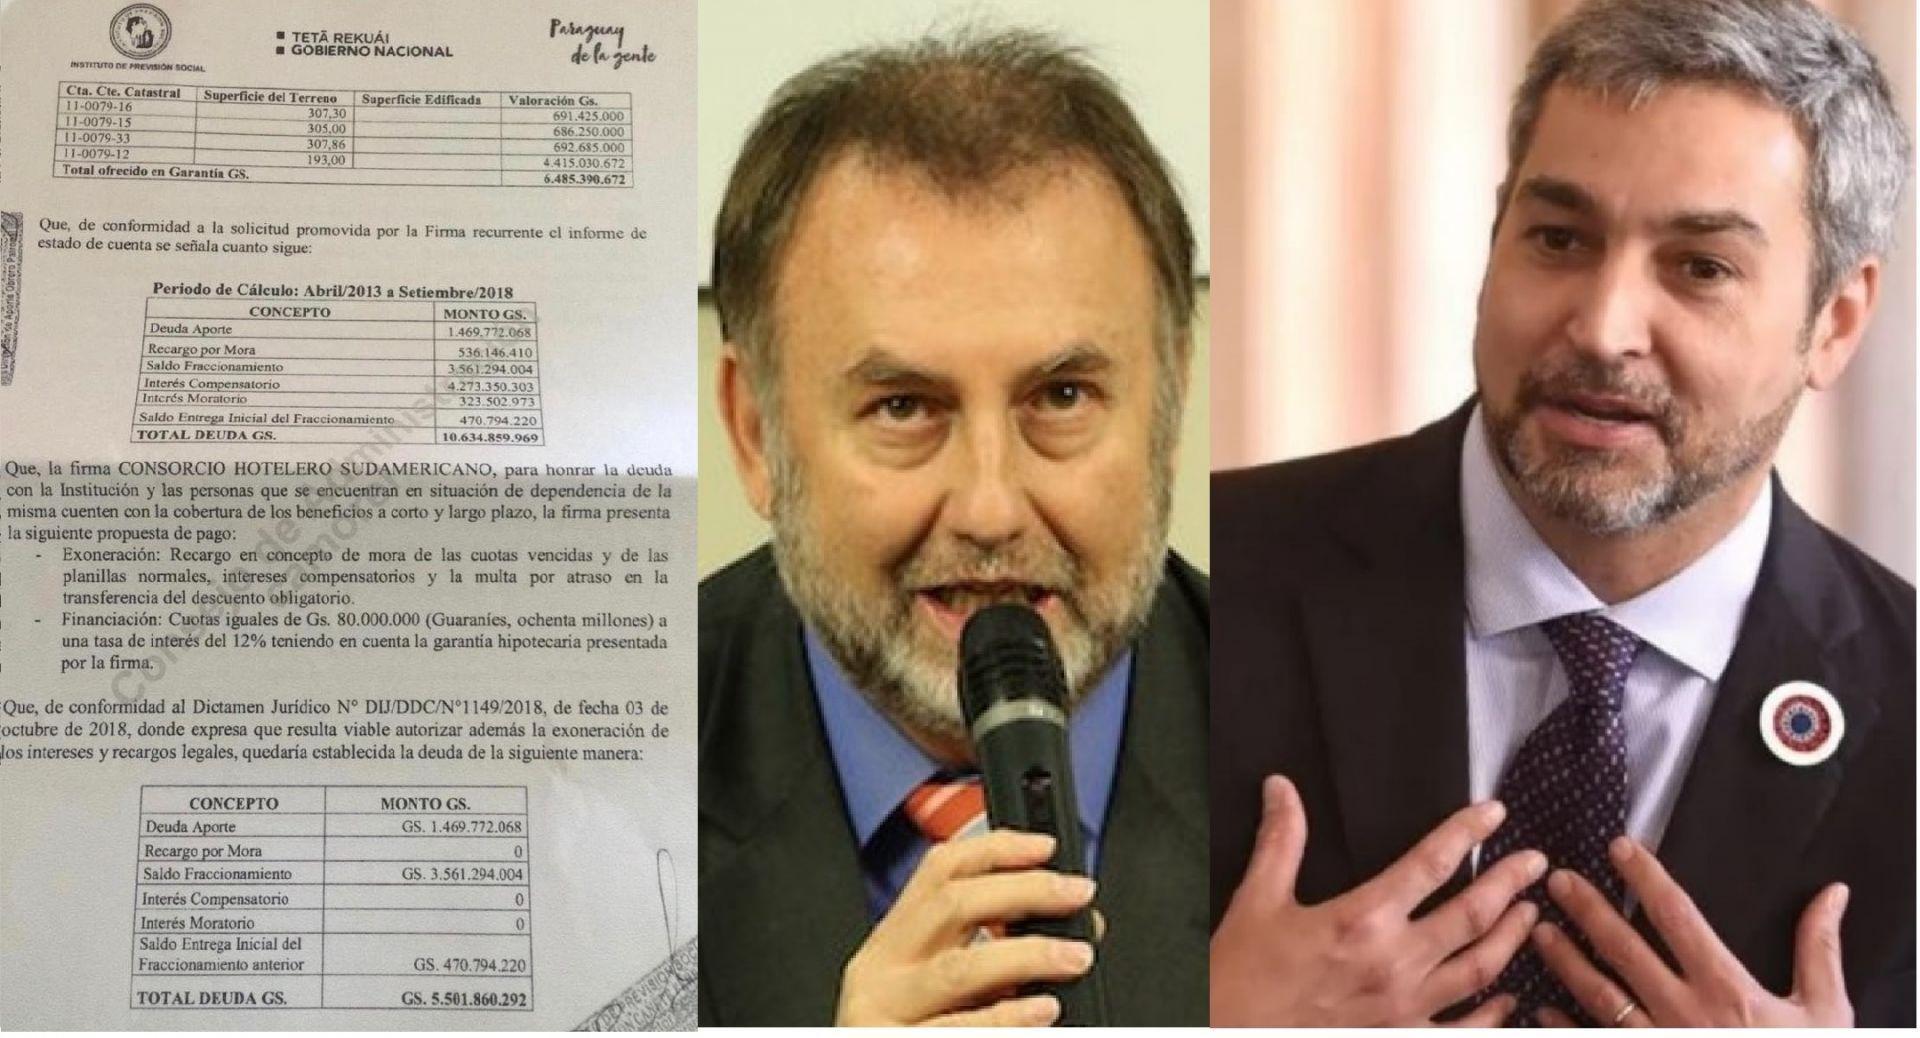 Milagroso y millonario descuento se le hizo al Consorcio Hotelero Sudamericano, ahora quieren pagar con inmueble.